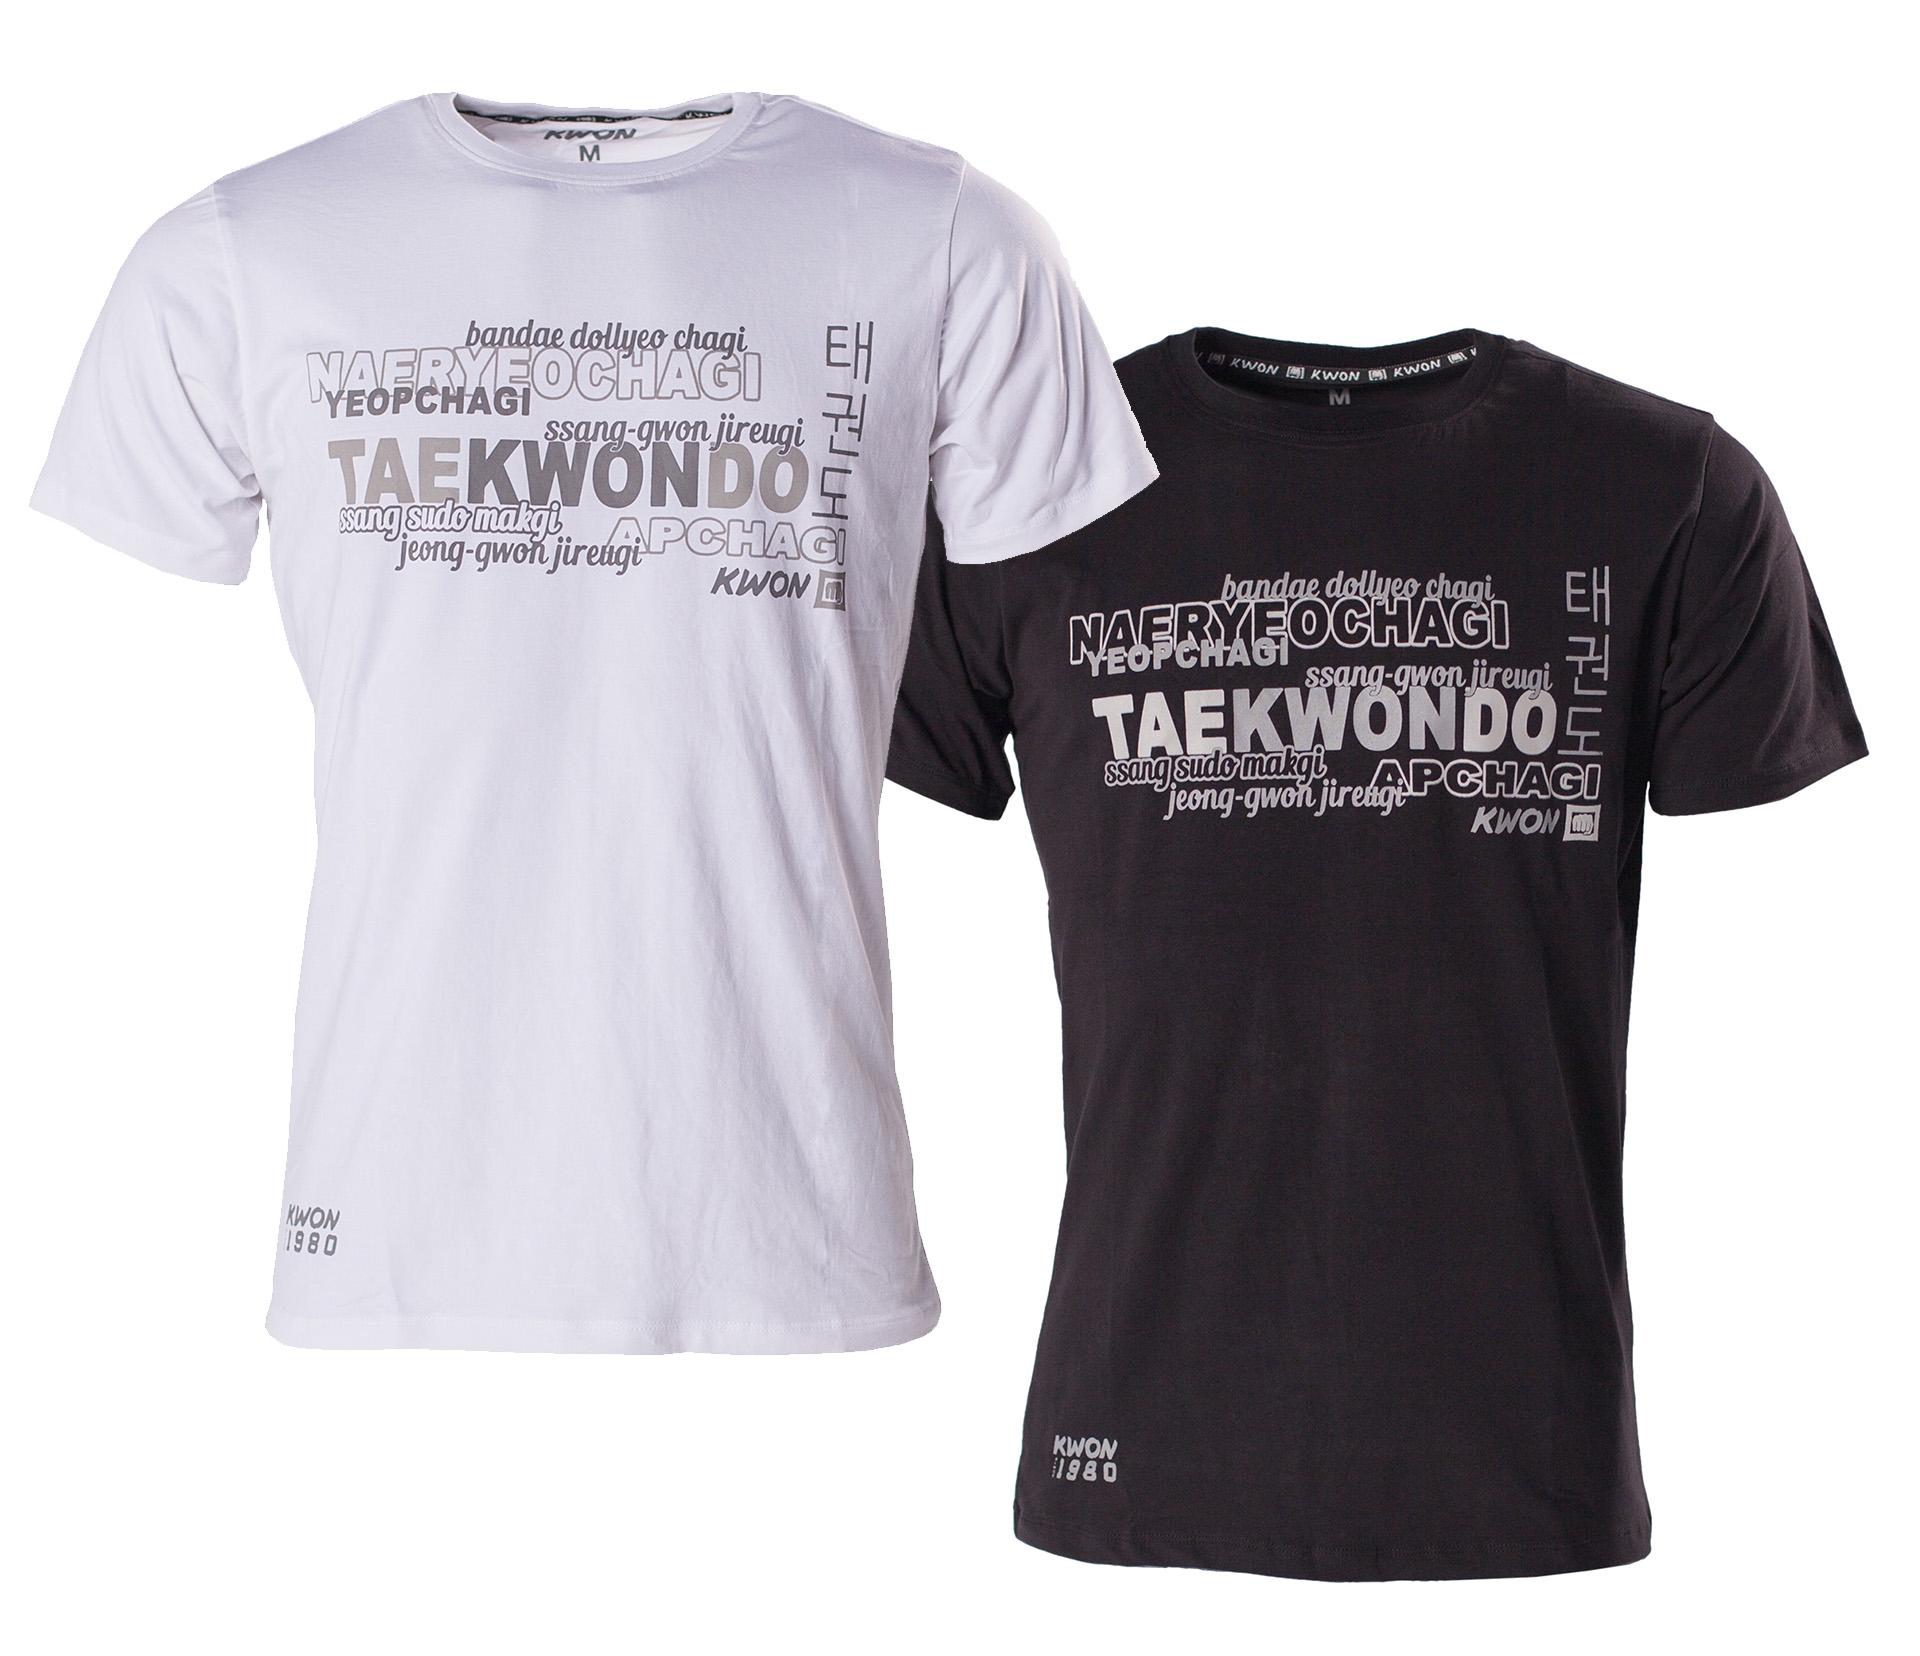 T Shirt Taekwondo in 2 Farben by Kwon